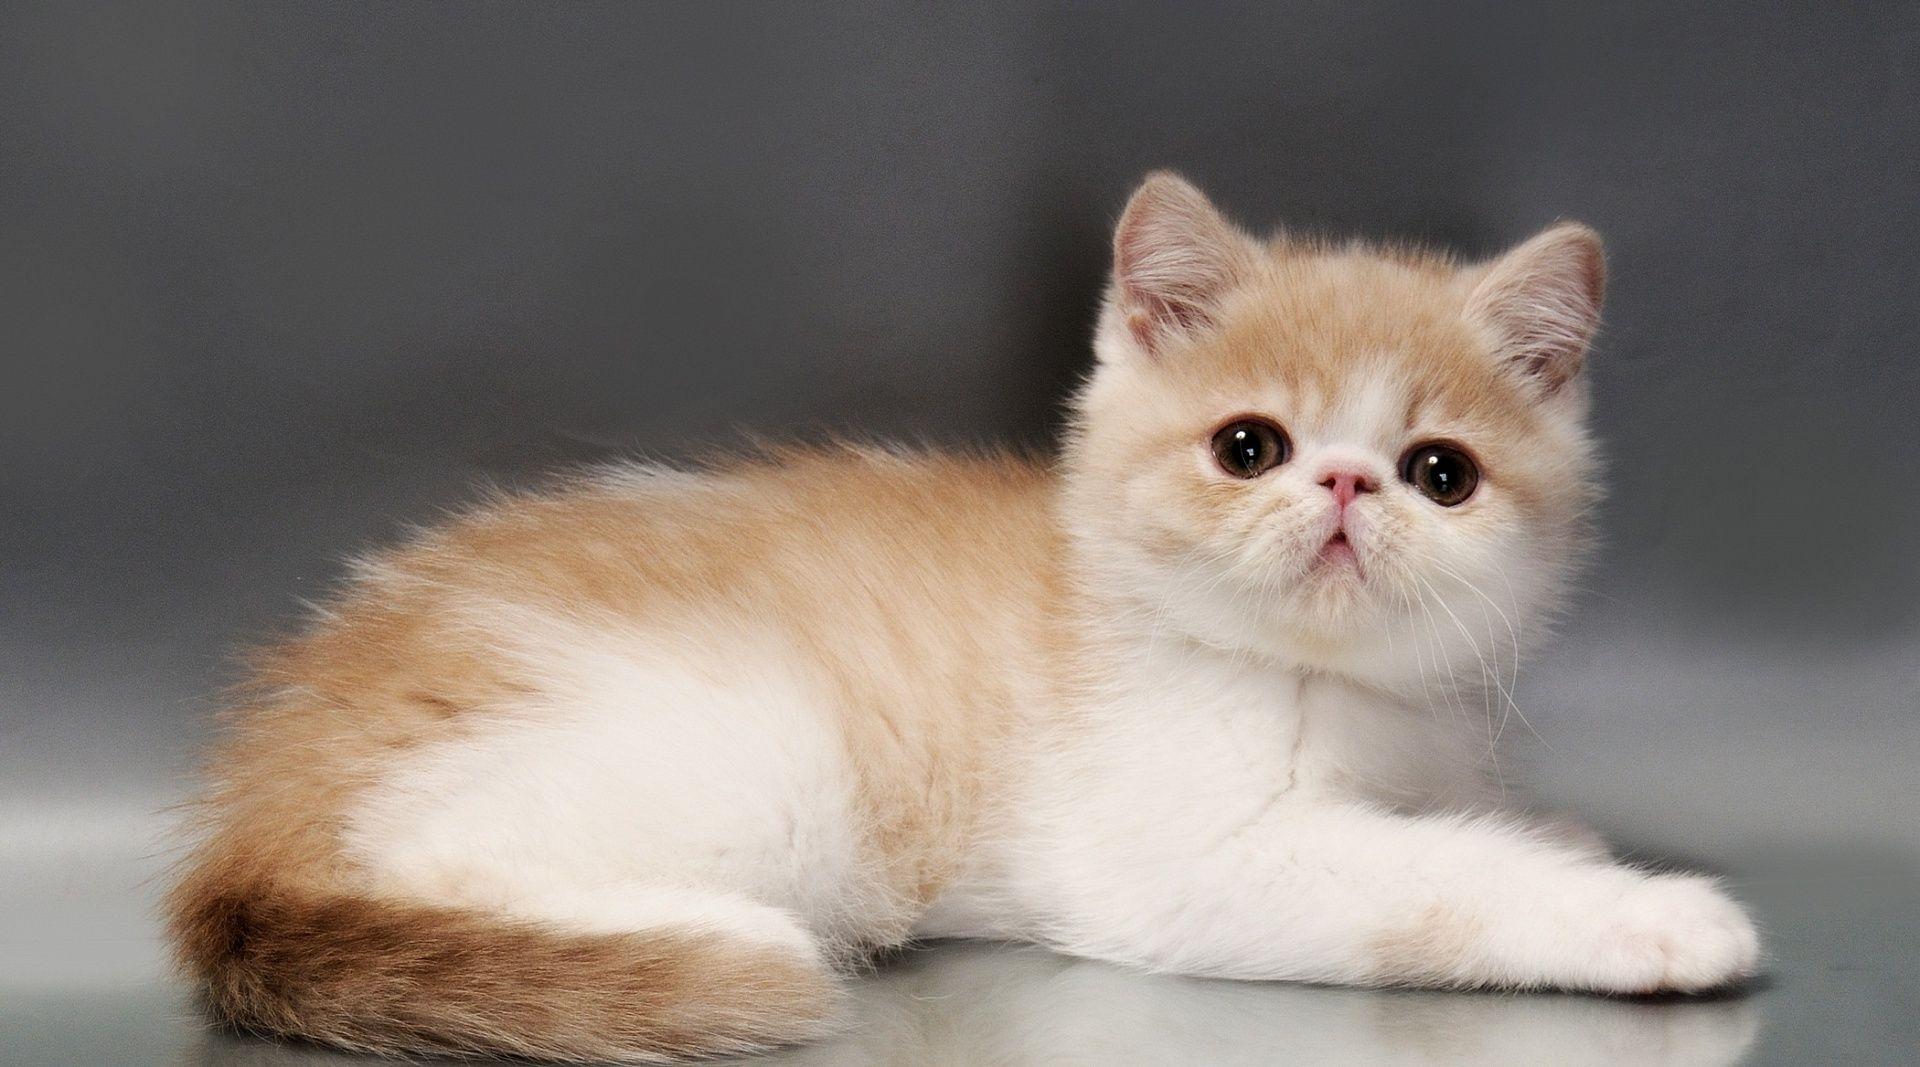 хозяйство котята экзотические картинки укуса